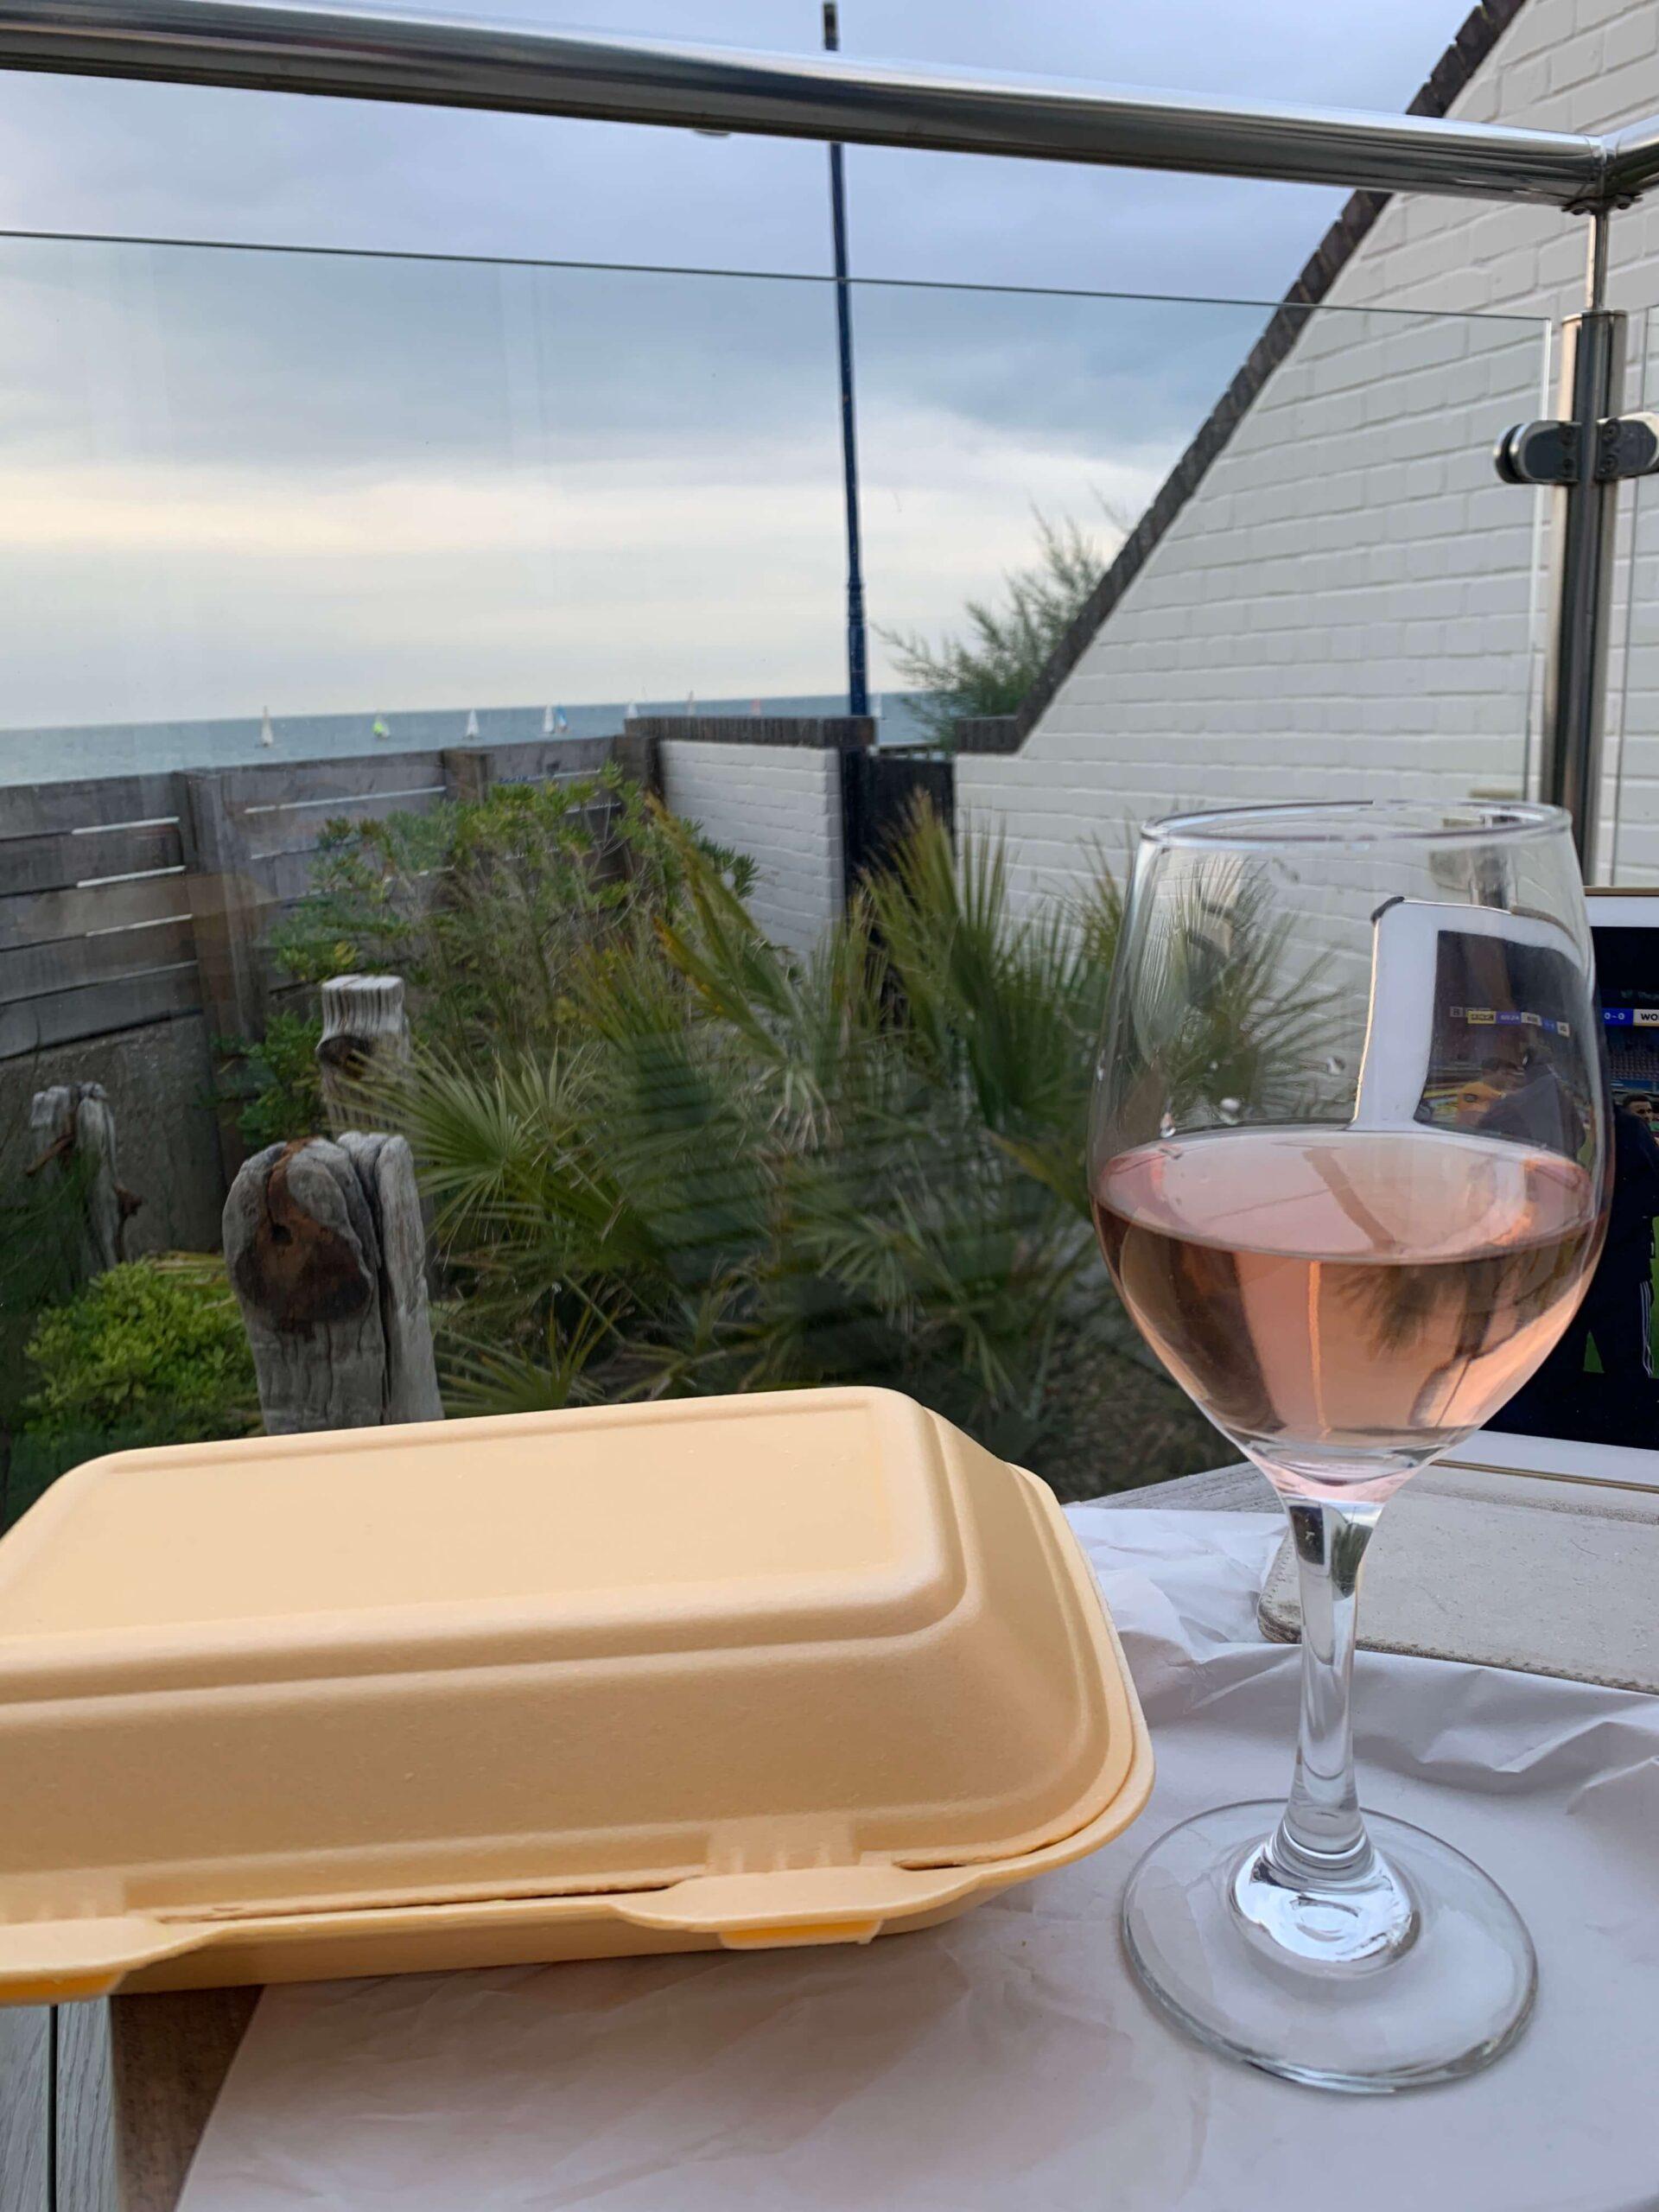 Takeaway on the terrace